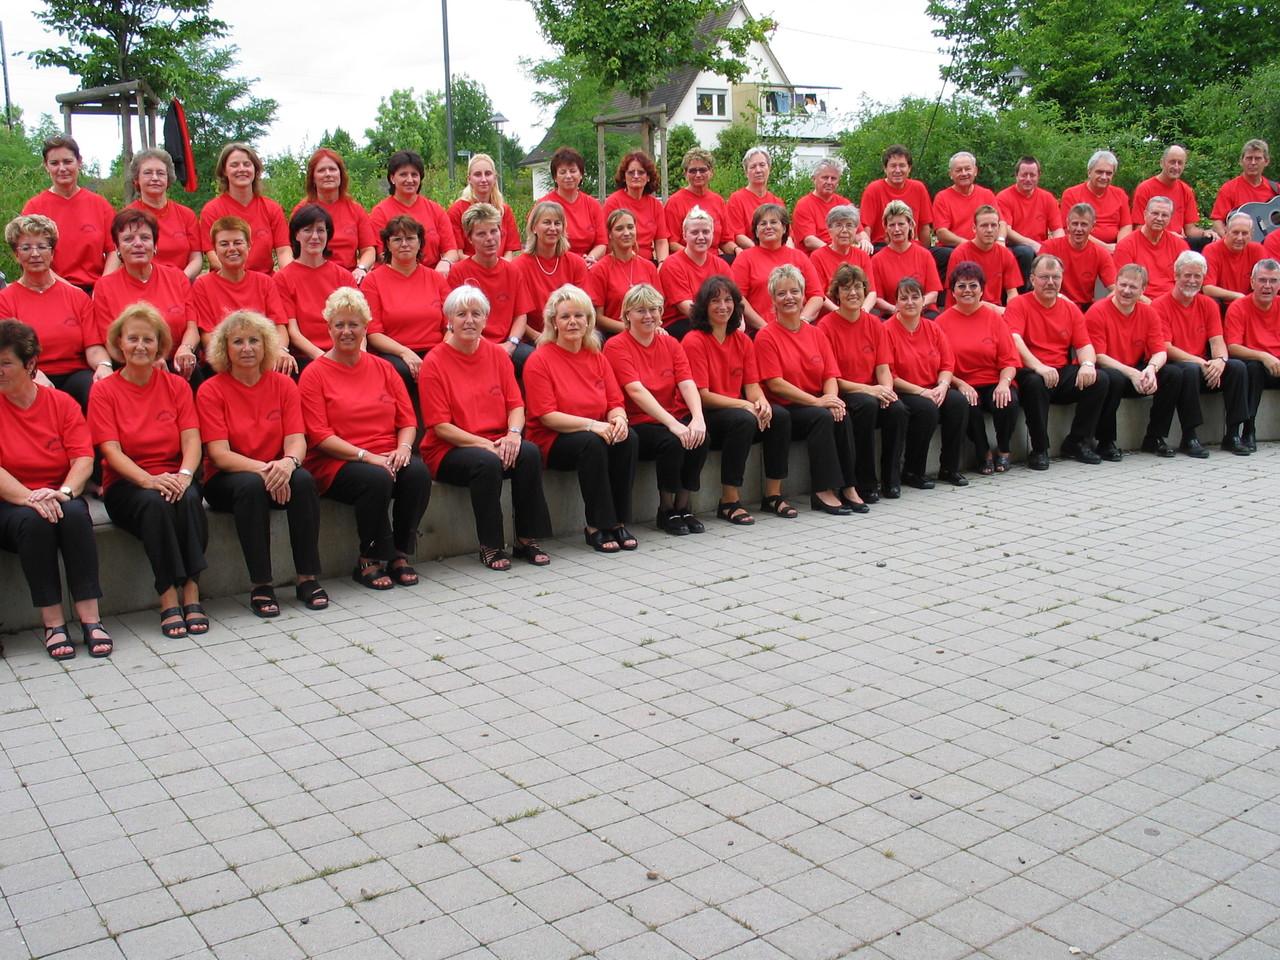 RockPop2001 Talaue Illingen 2003